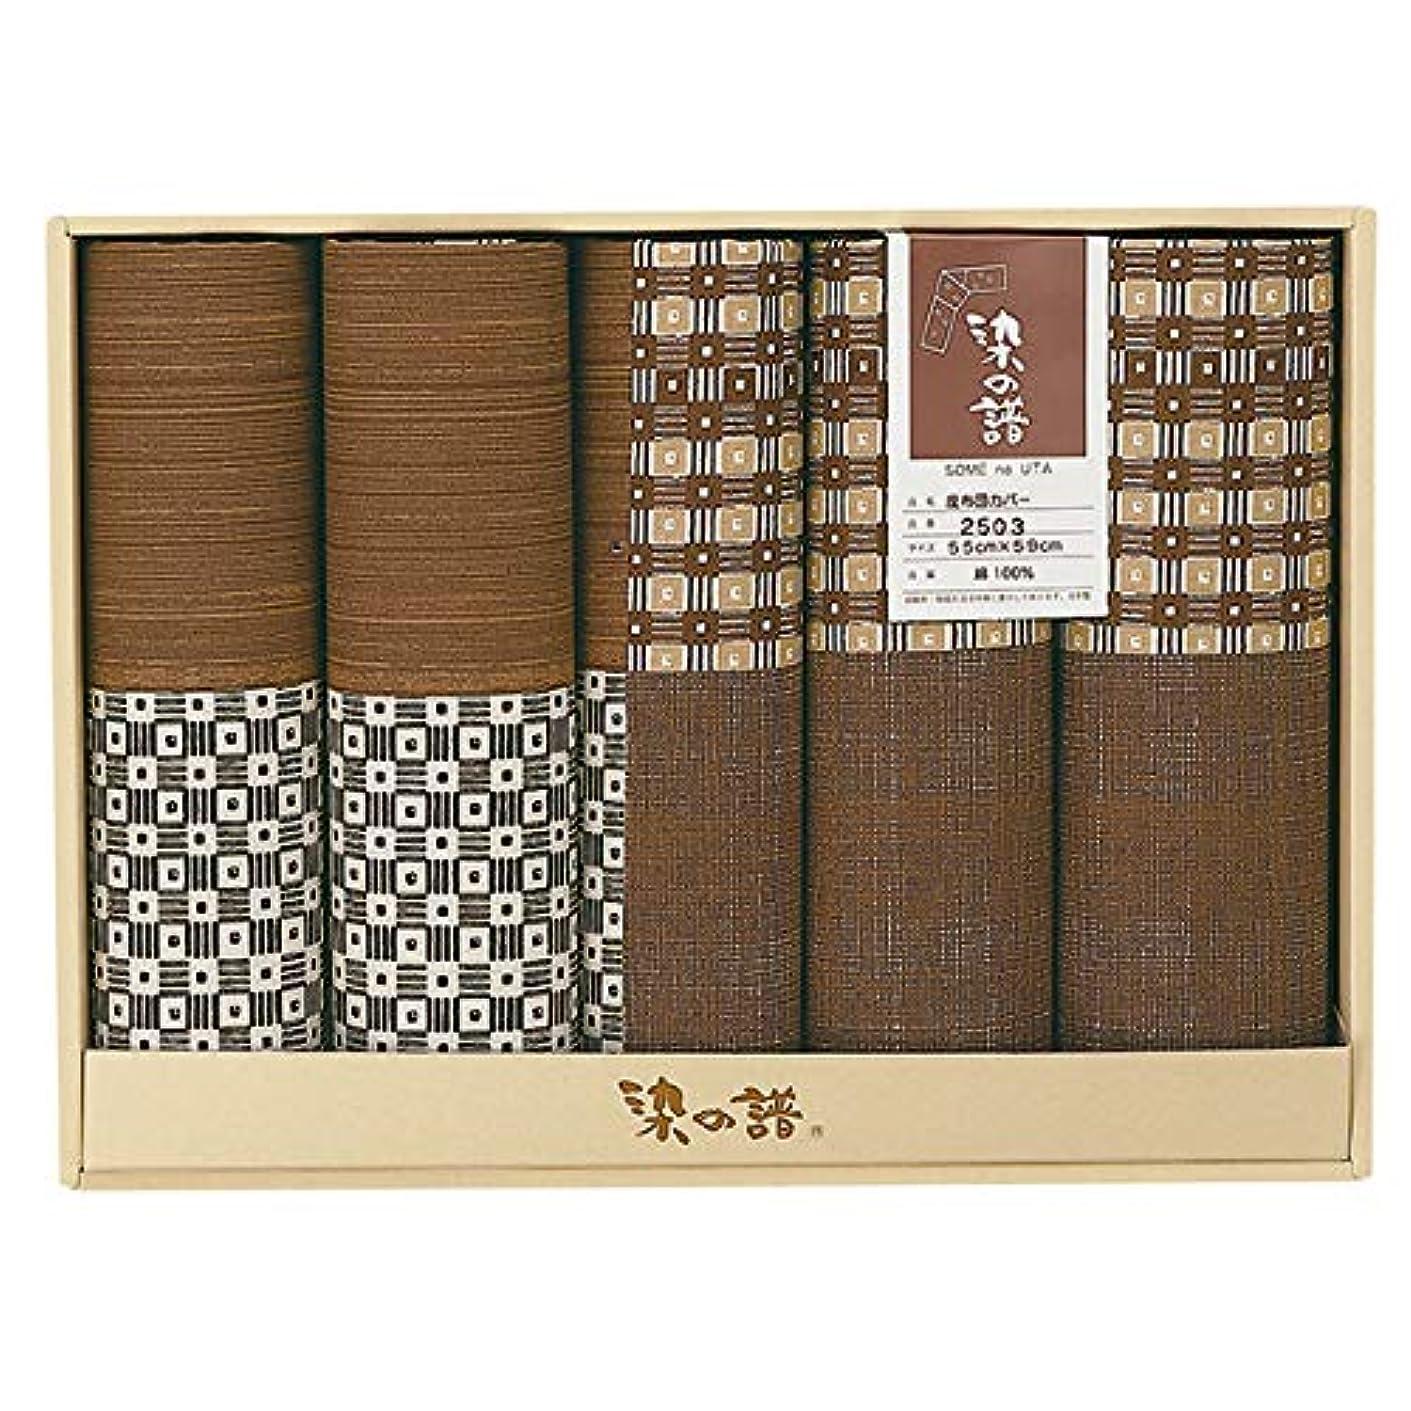 可愛い足首昇進豊泉産業 座布団カバー ブラウン 55×59cm 染の譜 織目格子柄 5枚セット 日本製 化粧箱入 2503BR